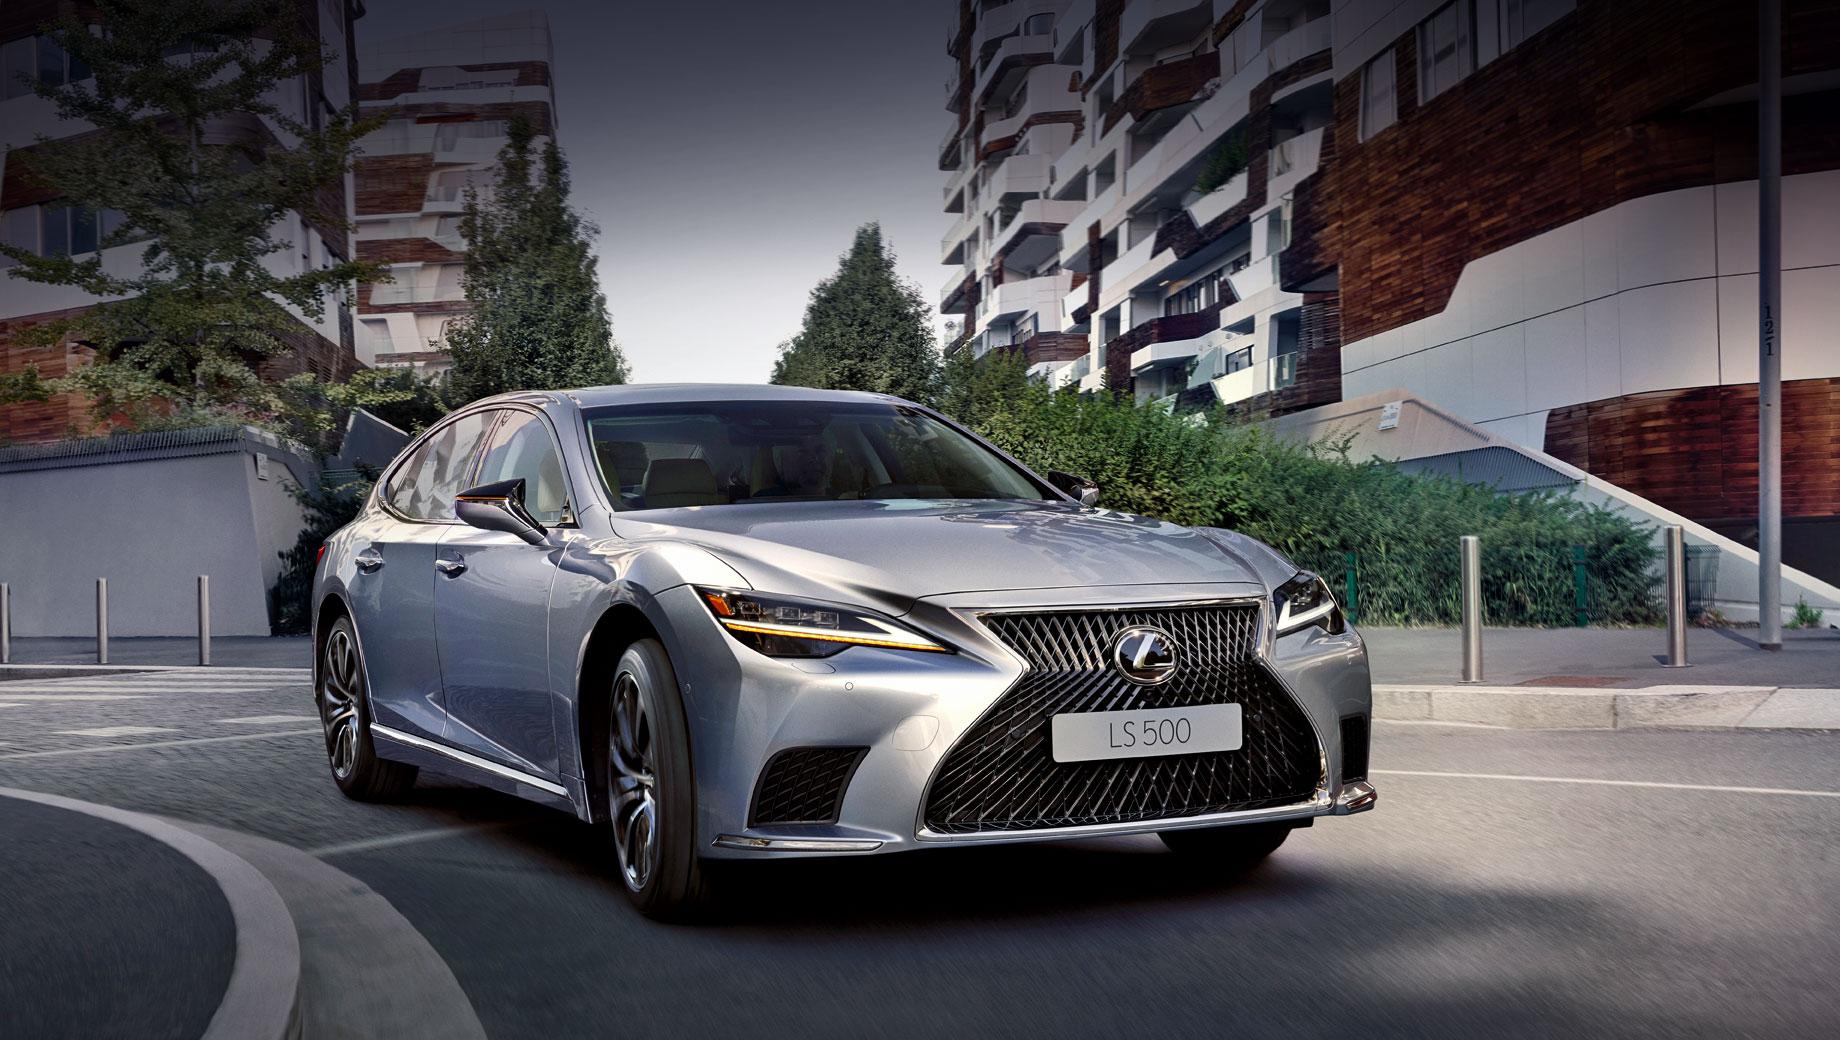 Lexus ls. Опознать улучшенный LS проще по диодным фарам, утратившим Z-образность, и четырёхугольным воздухозаборникам в переднем бампере. Размеры седана не изменились совсем: 5235×1900×1460 мм, колёсная база — 3125. На «пятисотку» ставятся шины 245/45 R20, на LS 350 поменьше — 245/50 R19.